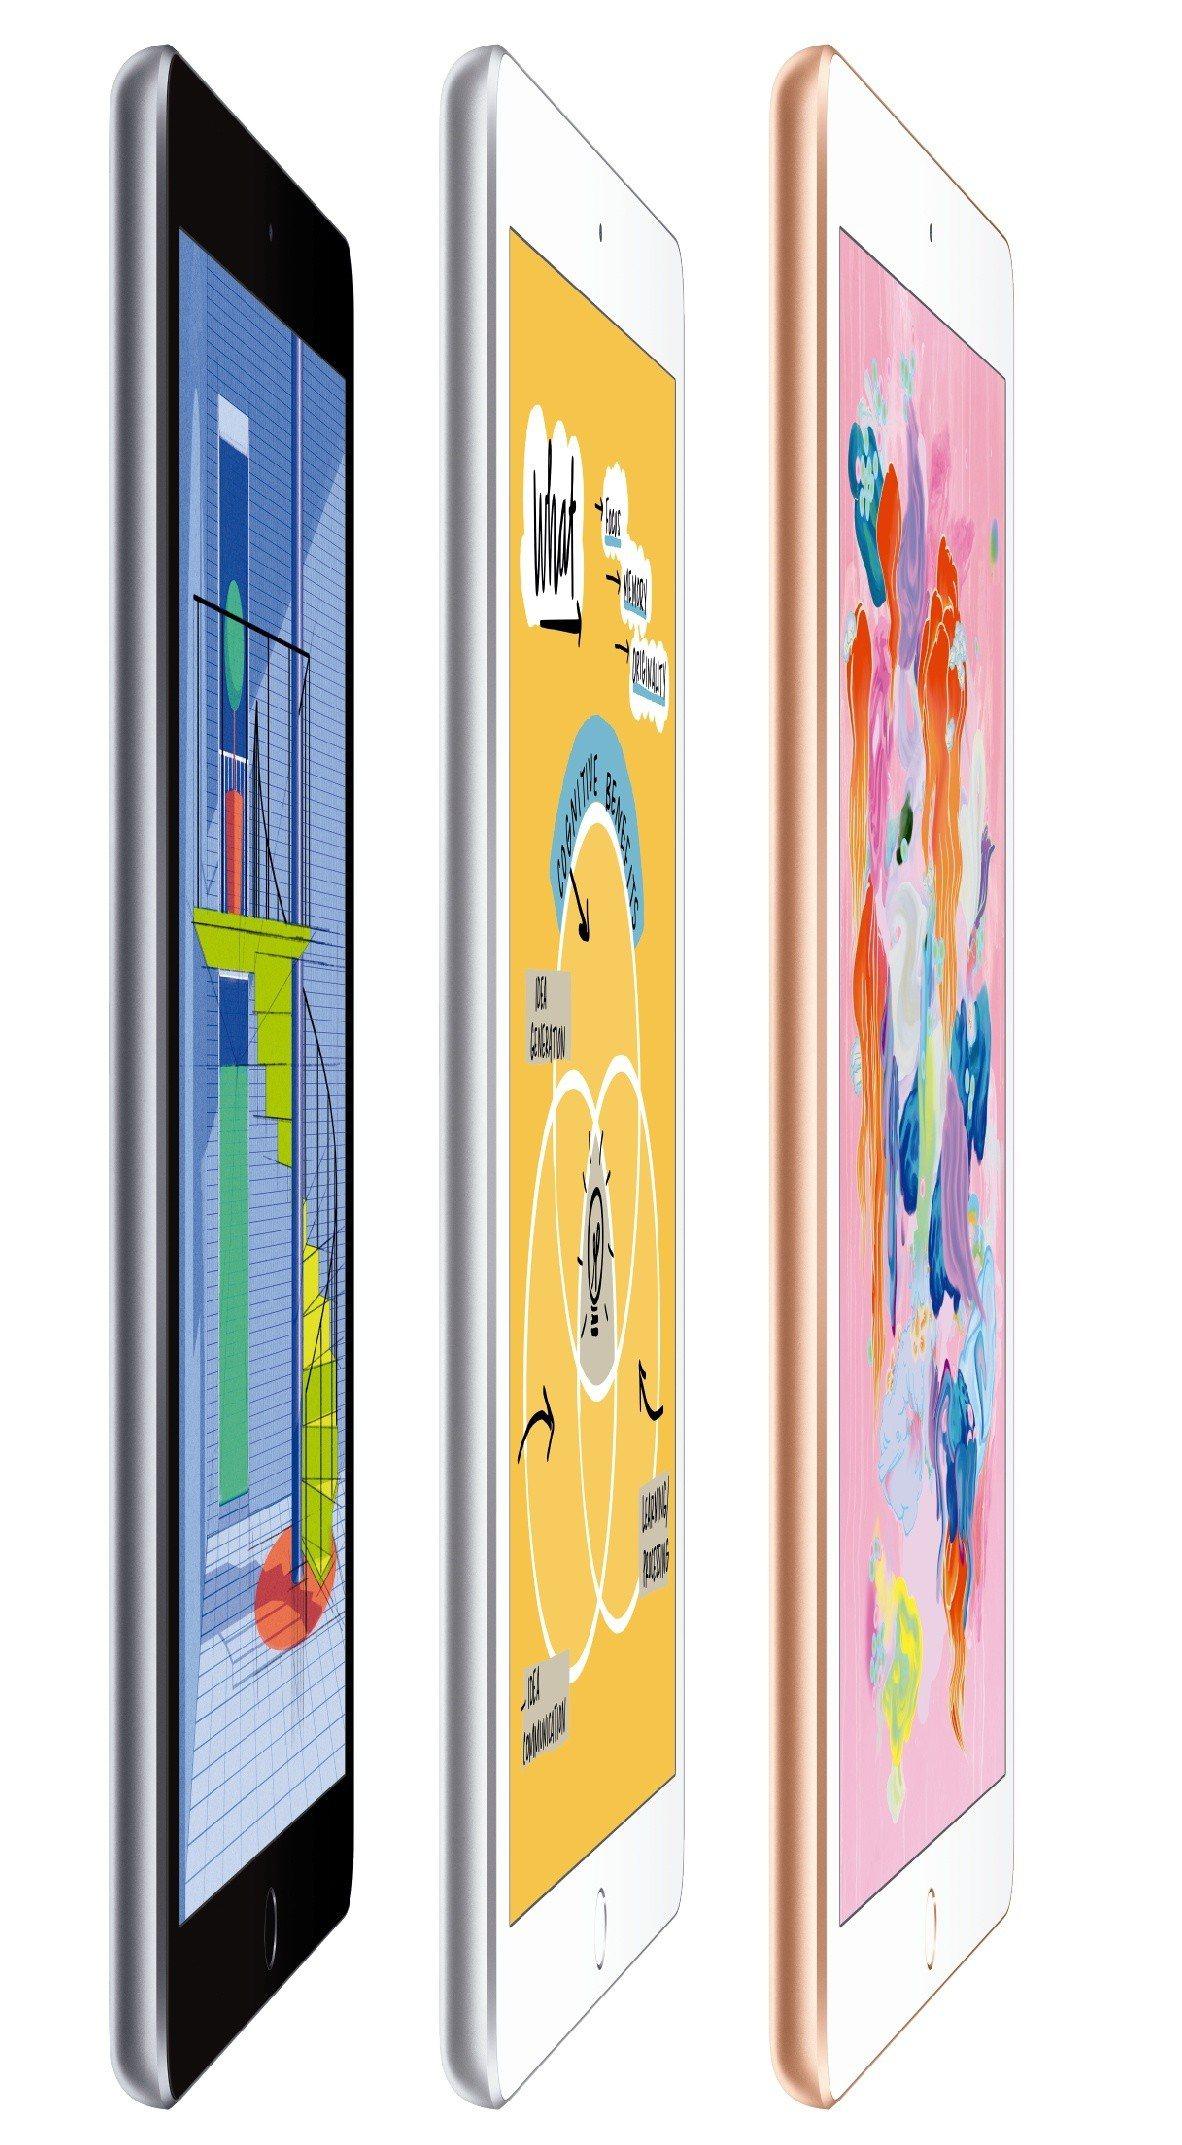 第6代iPad 9.7吋32GB Wi-Fi版,燦坤會員價10,900元,再送市...